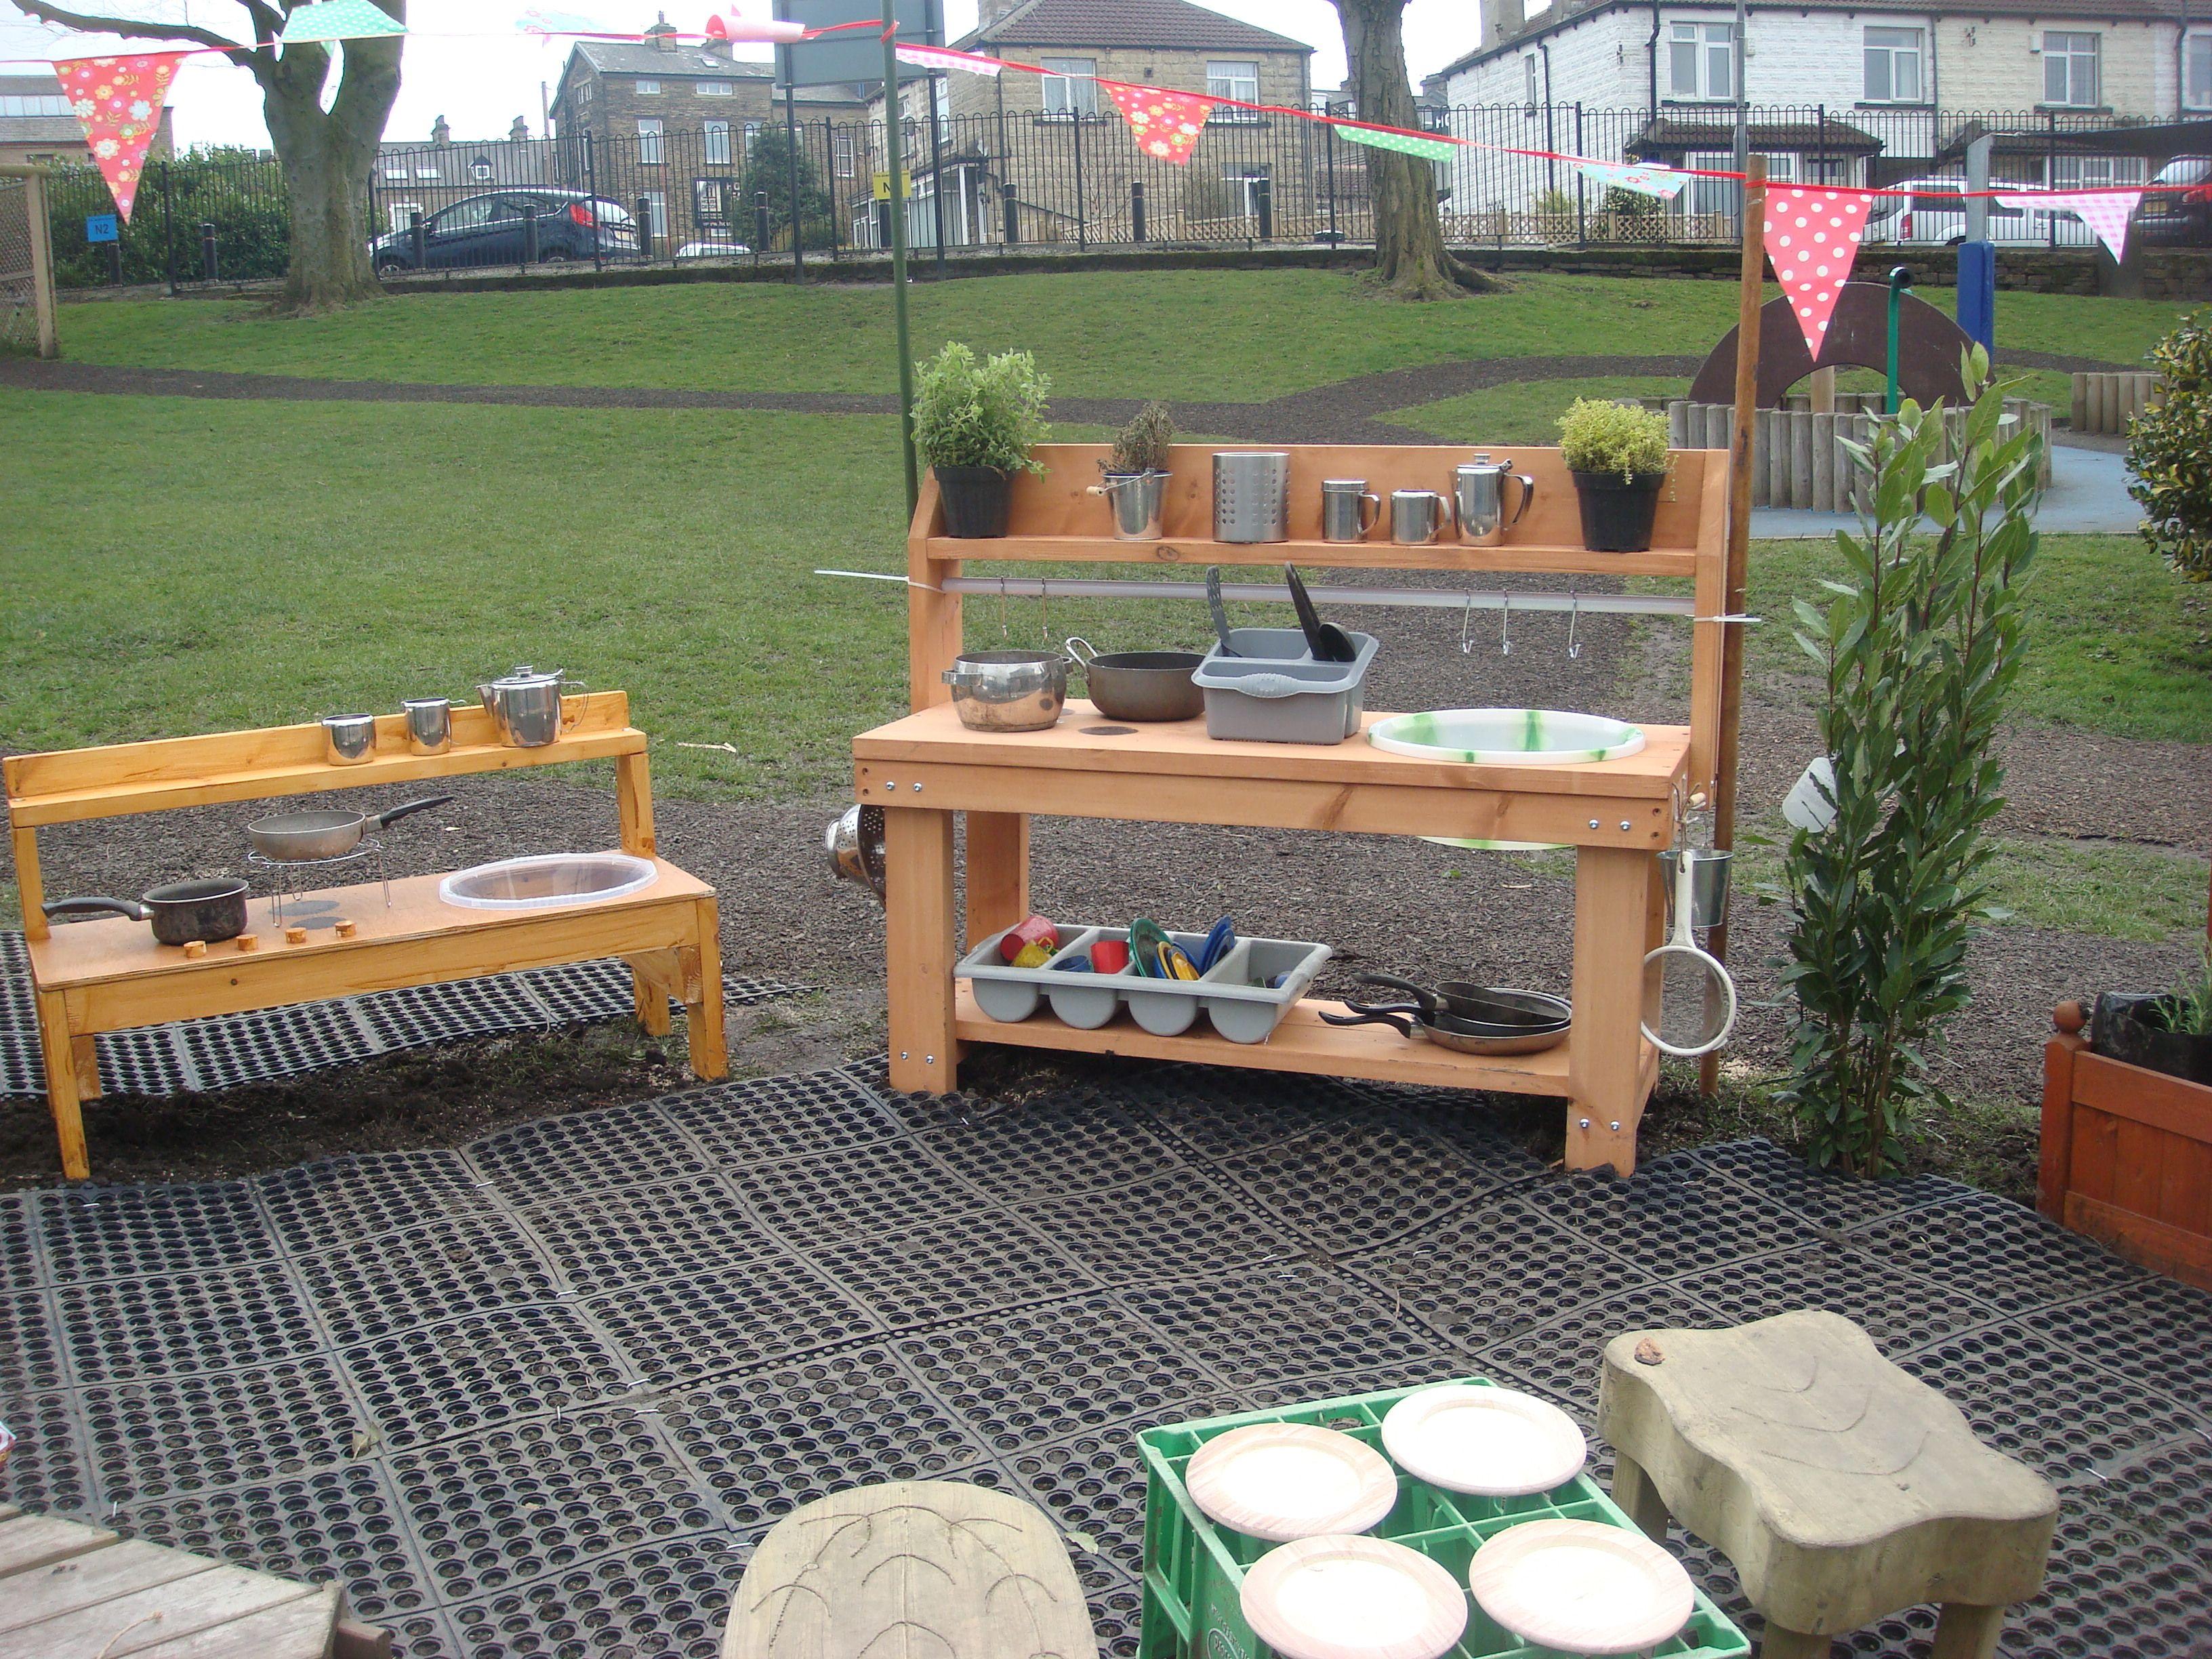 Mud kitchen upcycled pallet mud kitchen pallet kitchen counter with - Mud Kitchen For Kids Our Mud Kitchen